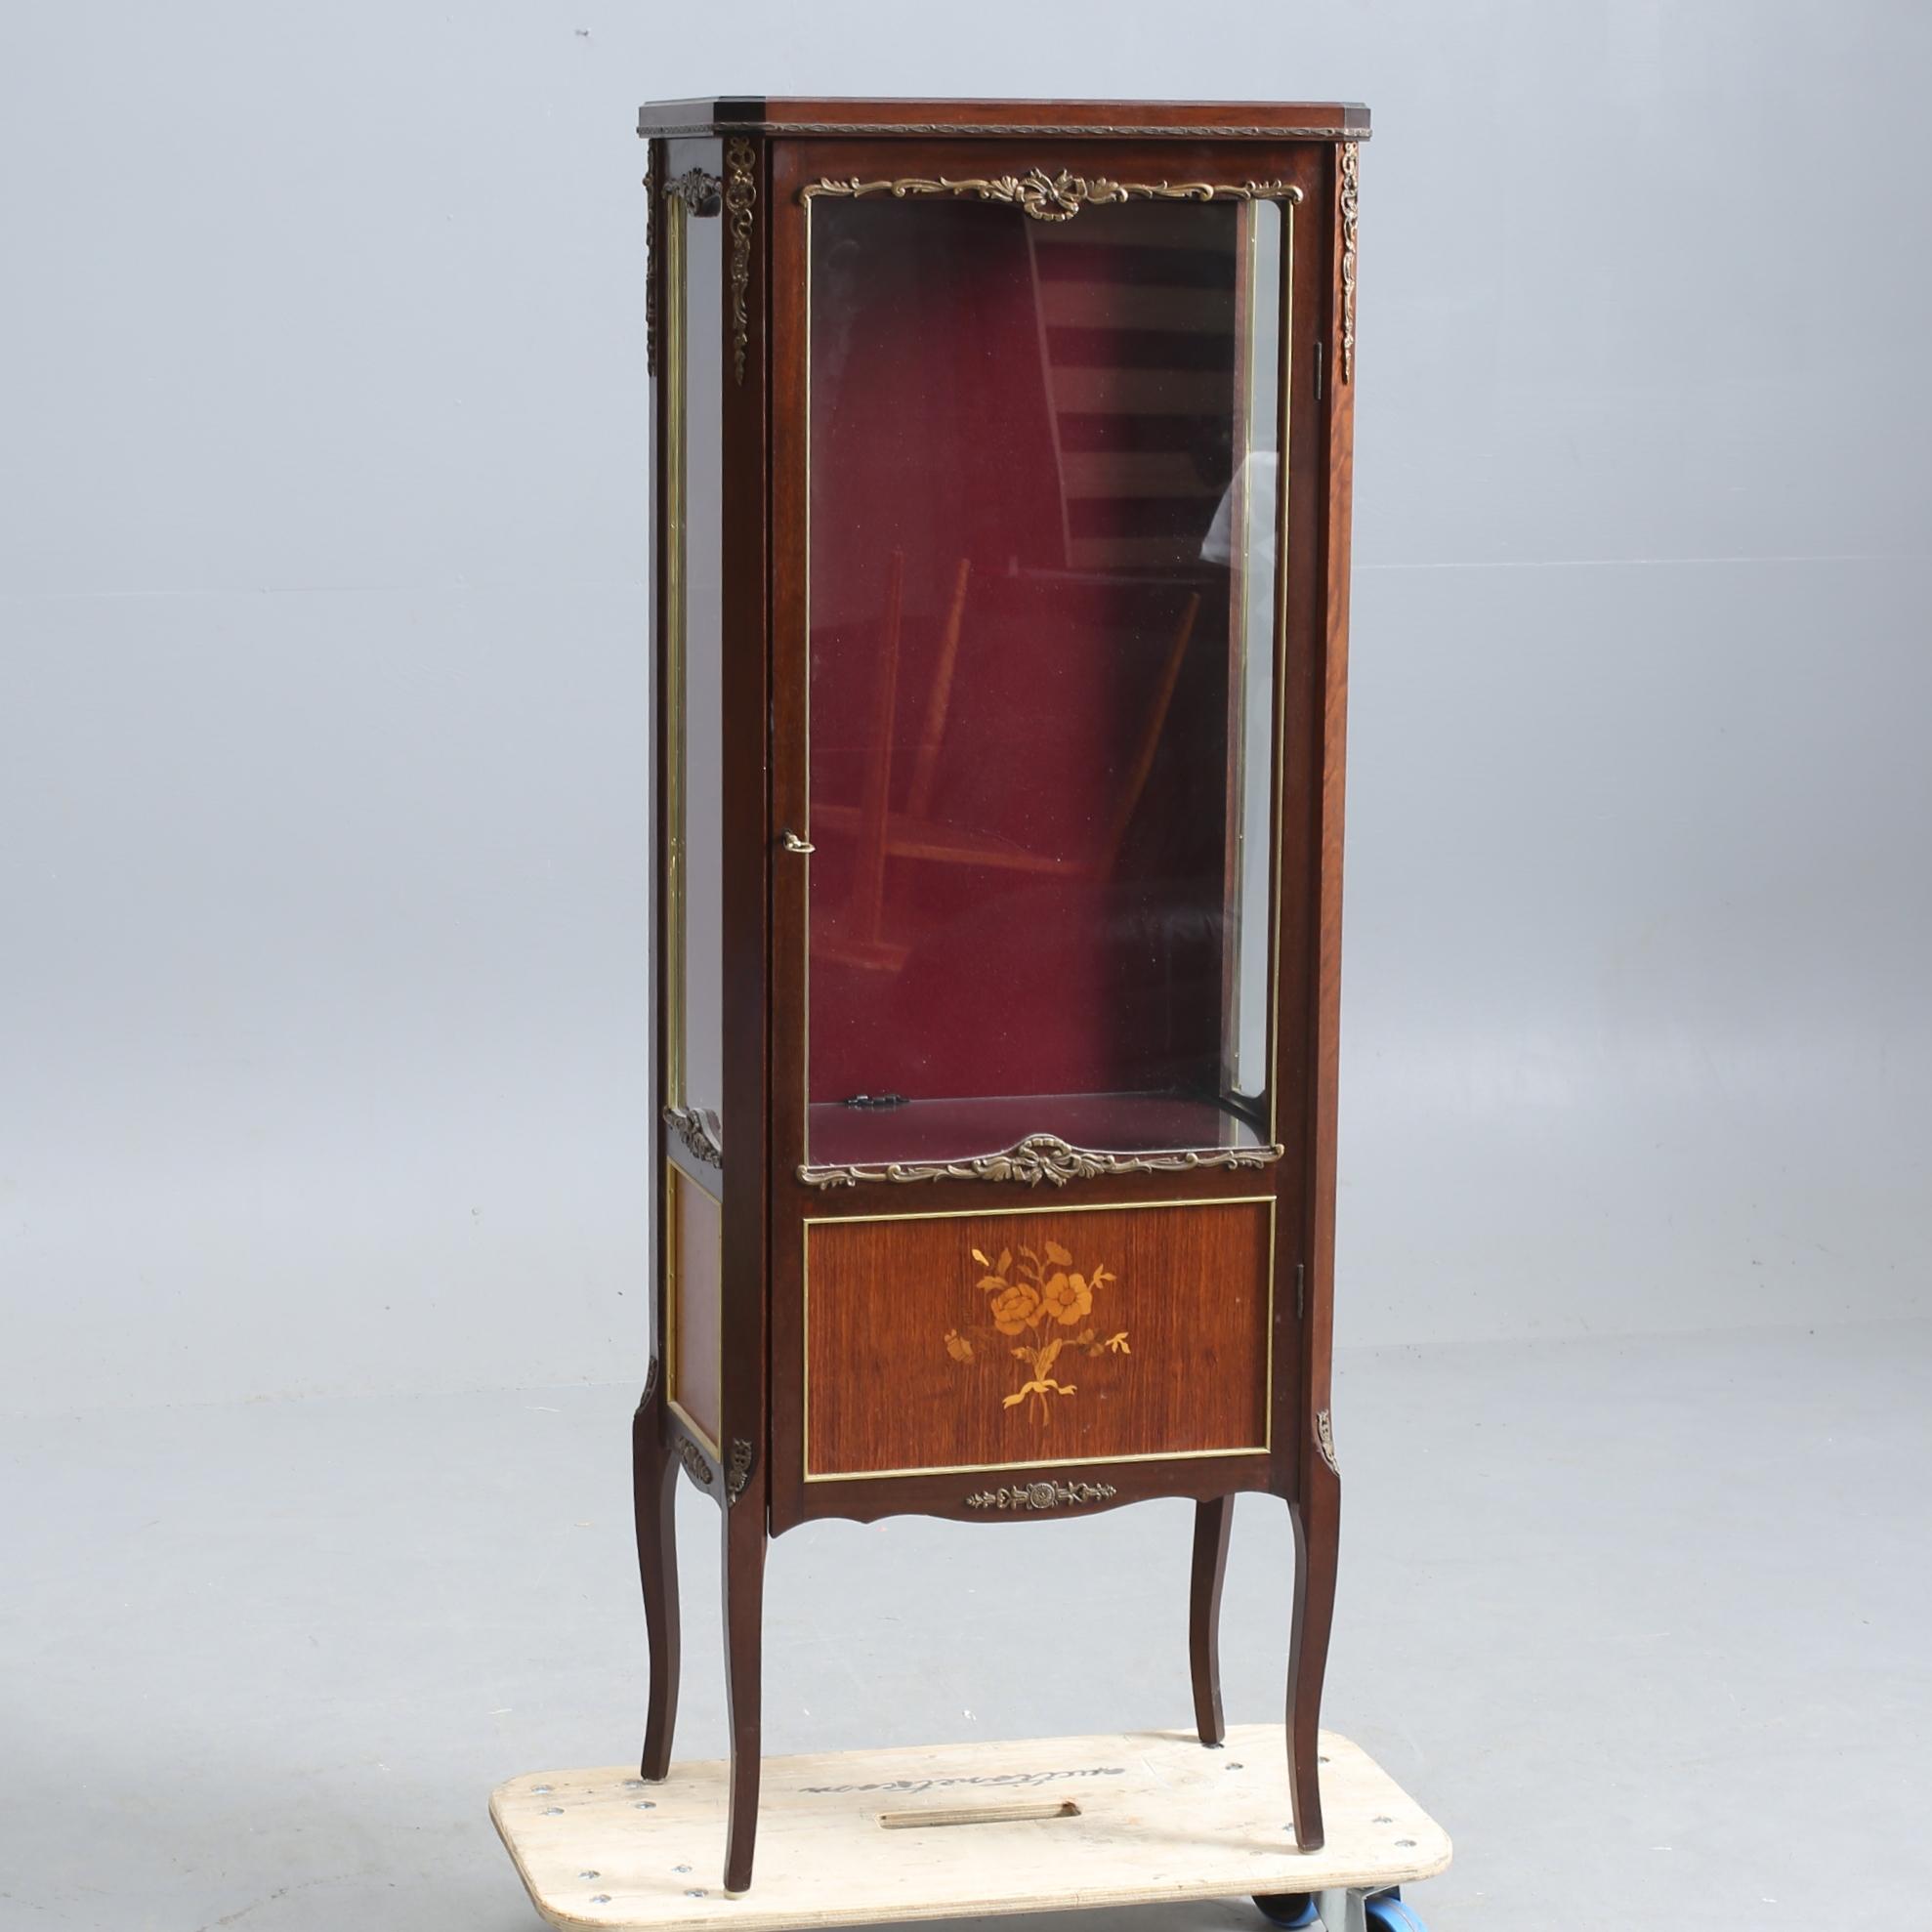 SkÅp Louise Seize Intarsidekor Bronser Furniture